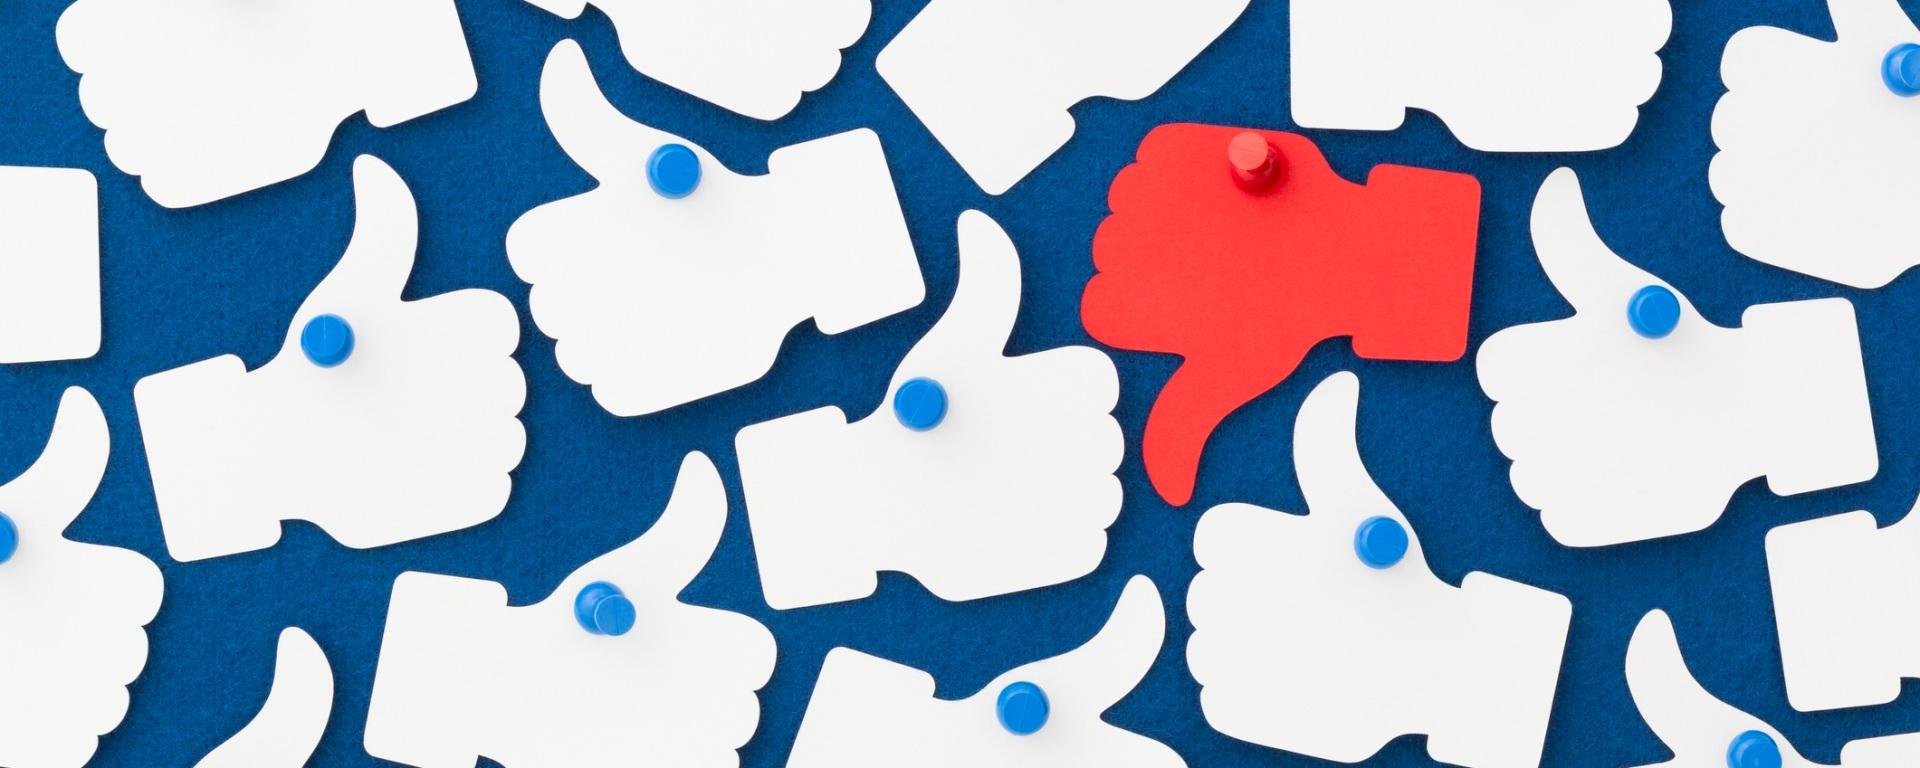 social media trends worth avoiding